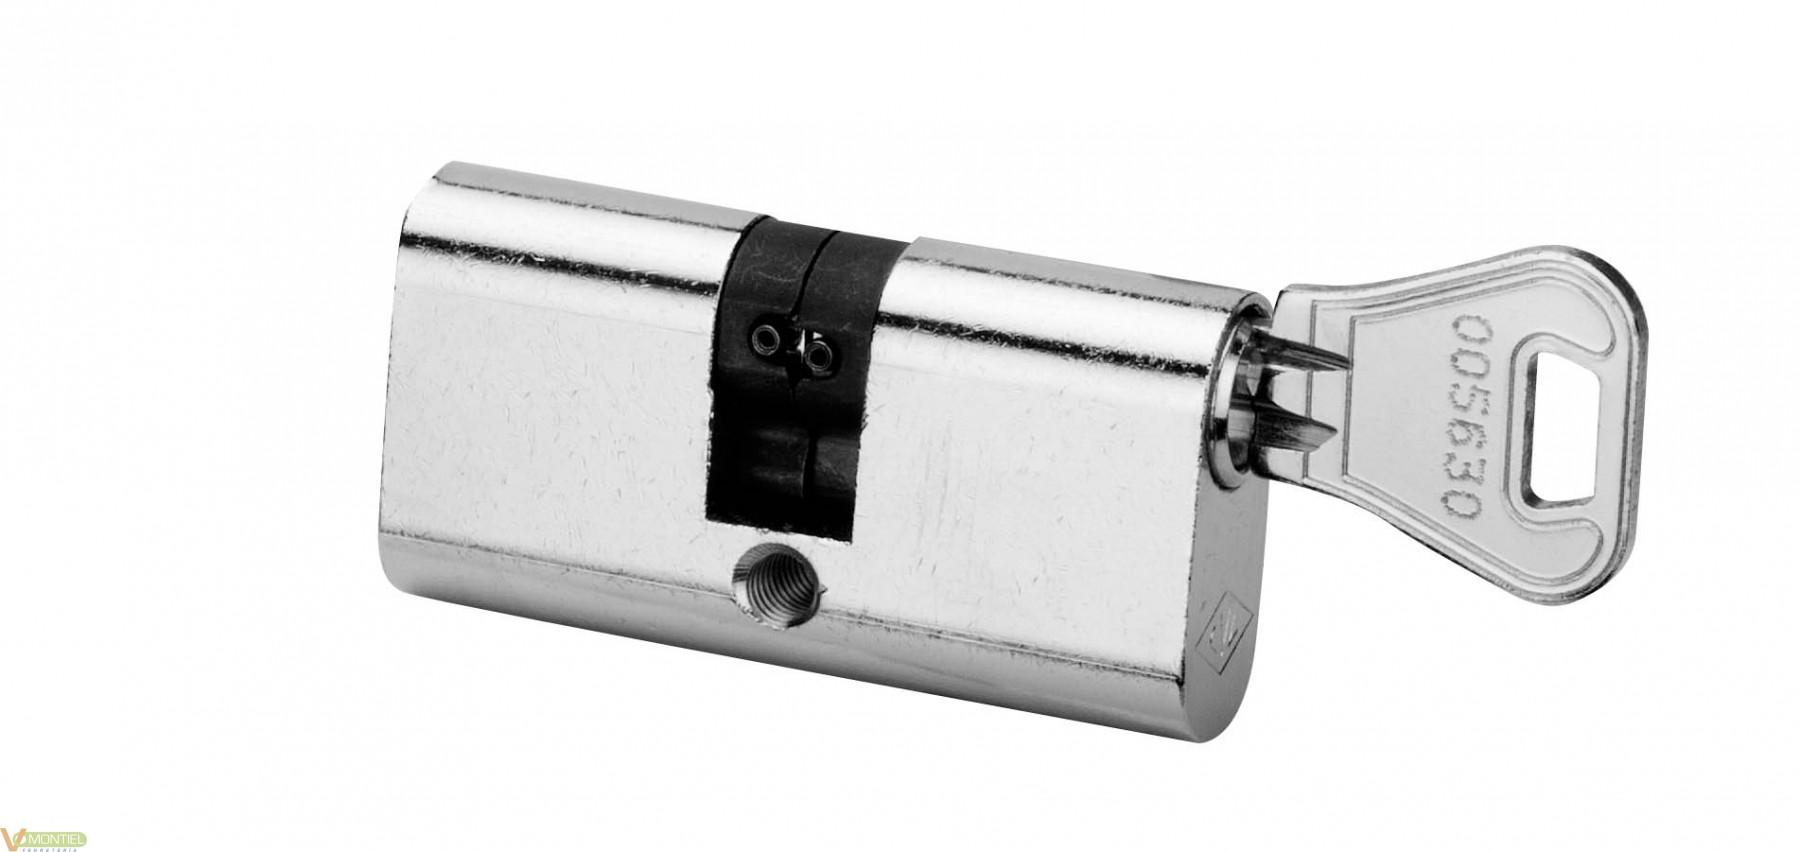 Cilindro 27x27mm leva larga cv-0